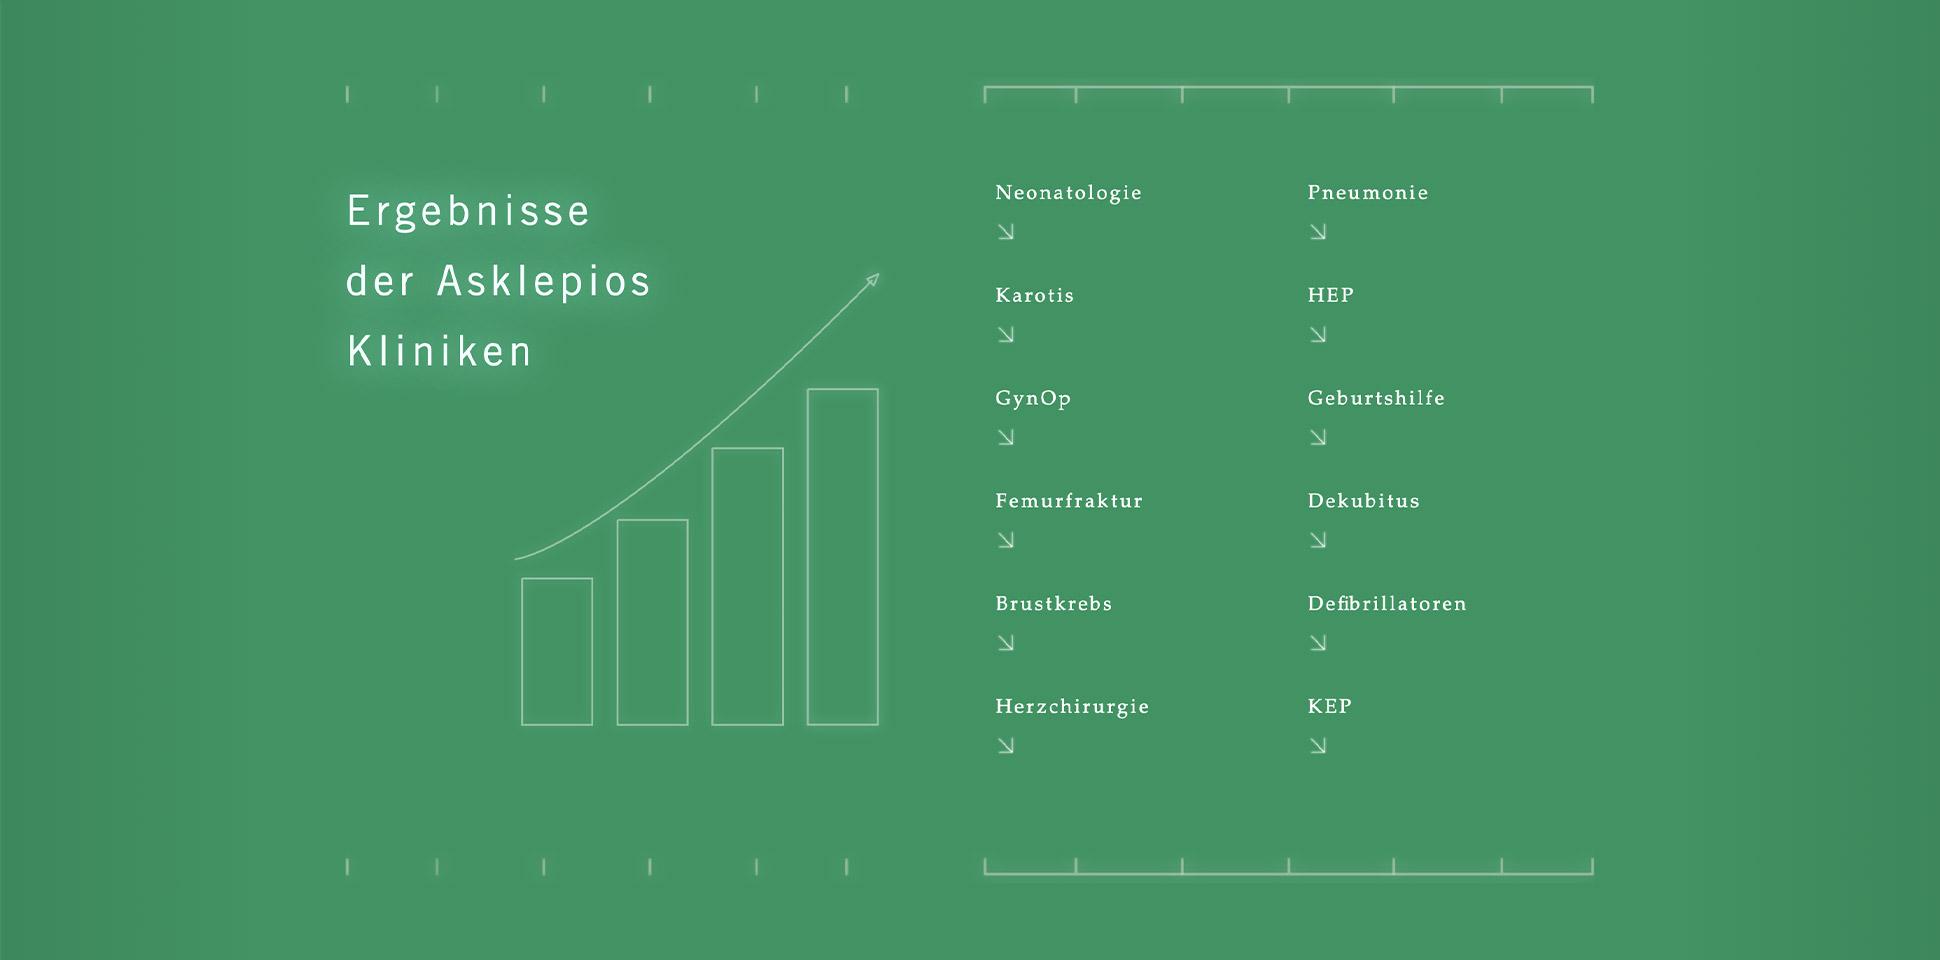 asklepios qualitaetsbericht grafik bereiche 2016 polarwerk